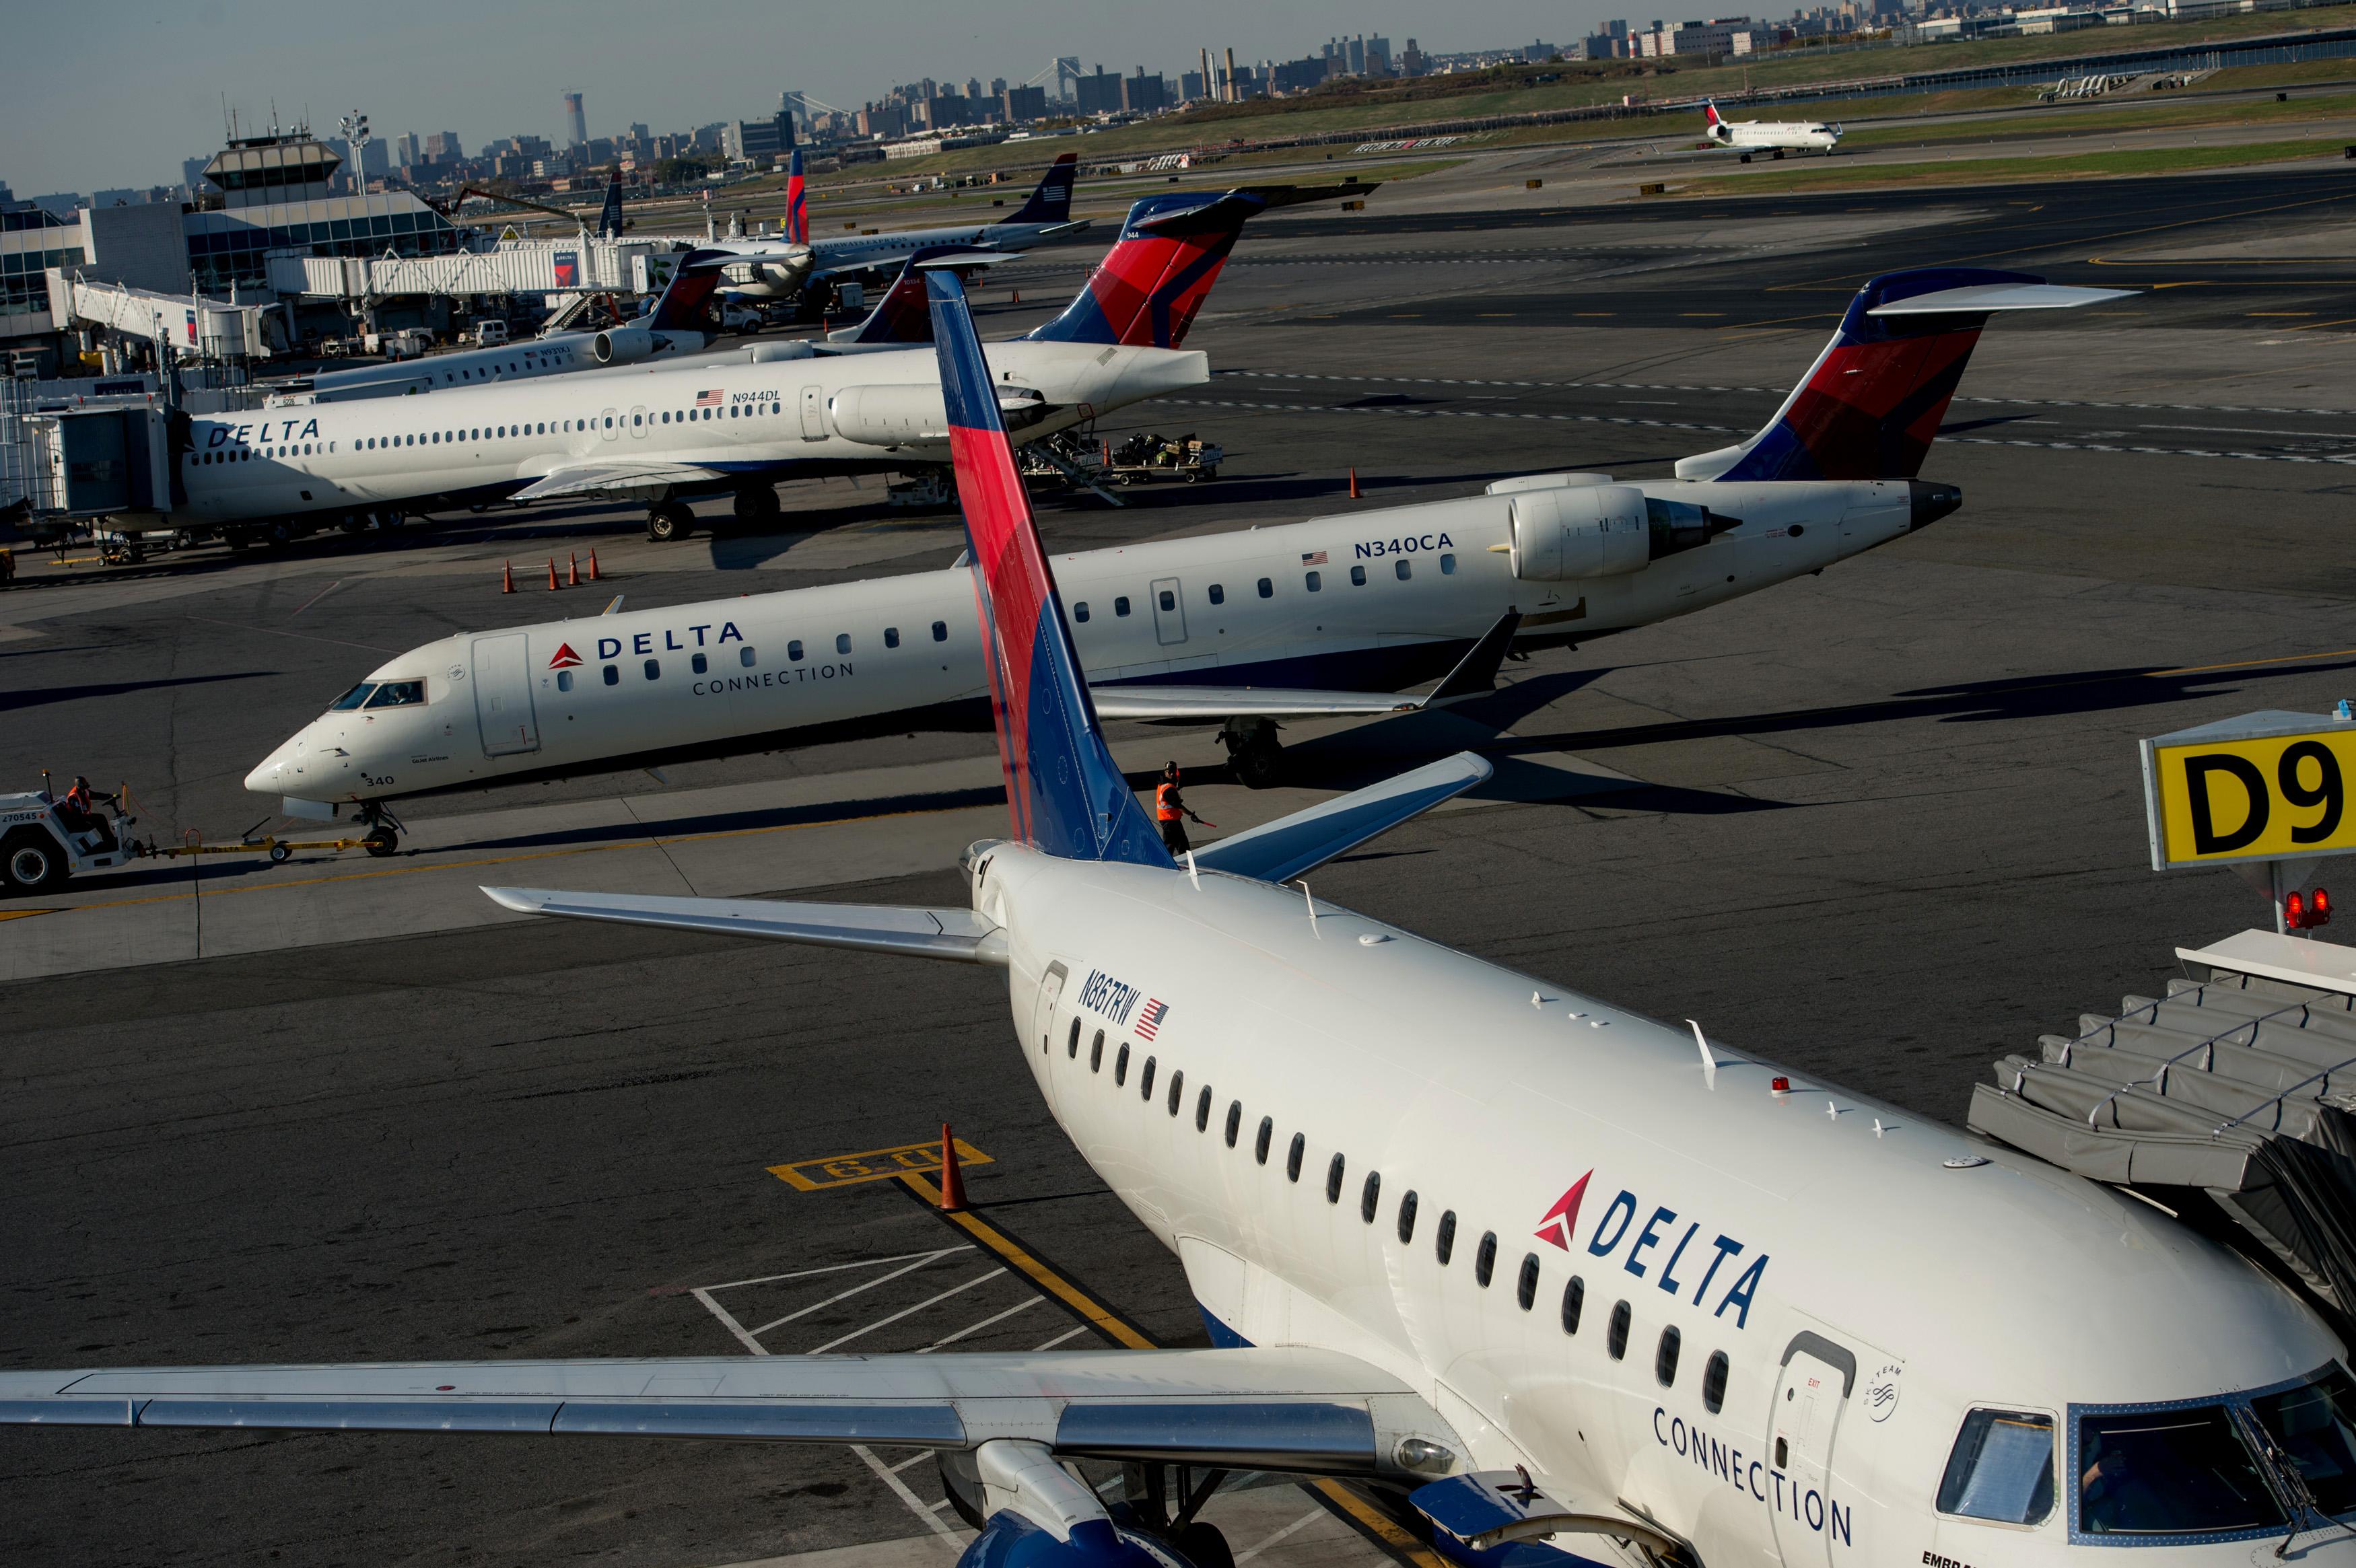 Não vais acreditar no que este piloto fez com o avião cheio de passageiros! É impressionante!